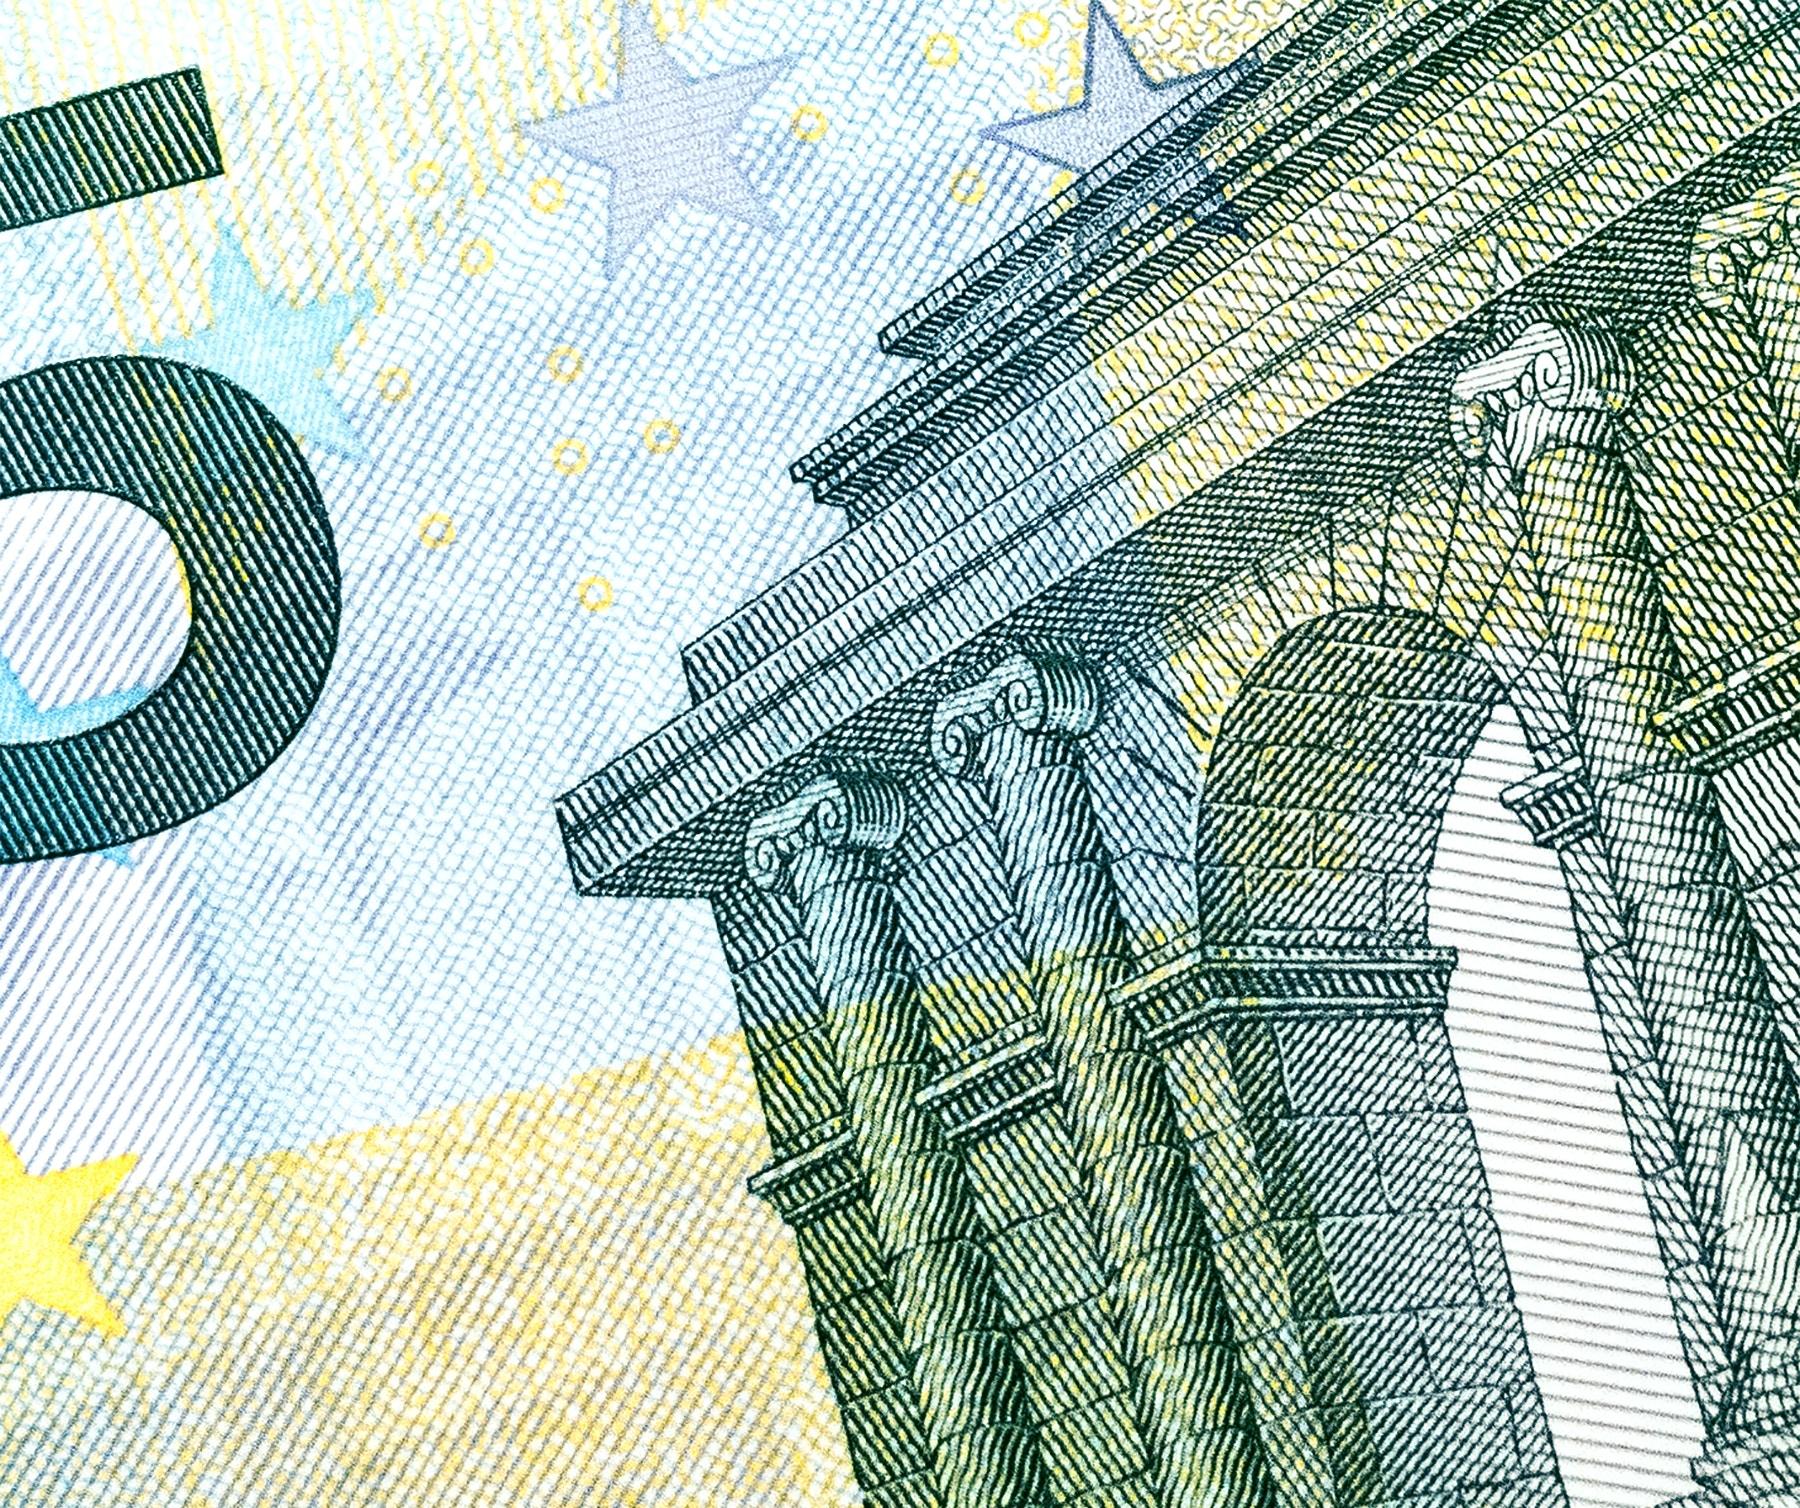 Eieren voor je geld #1 –  Twintig jaar de euro, wat nu?